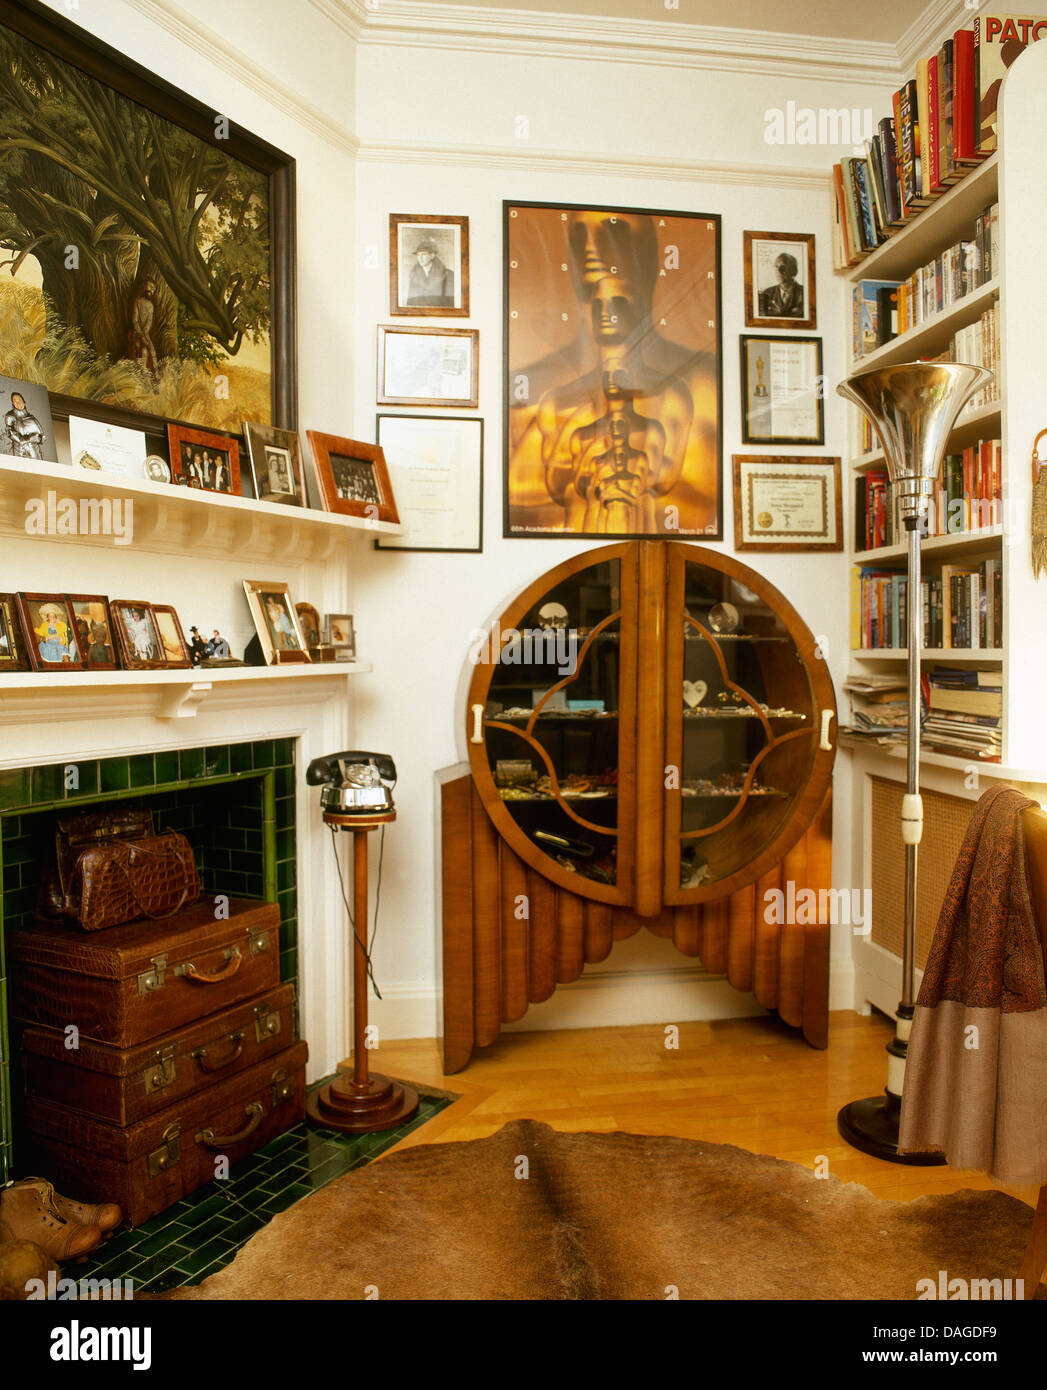 armoire art d co dans la salle de s jour avec chemin e. Black Bedroom Furniture Sets. Home Design Ideas